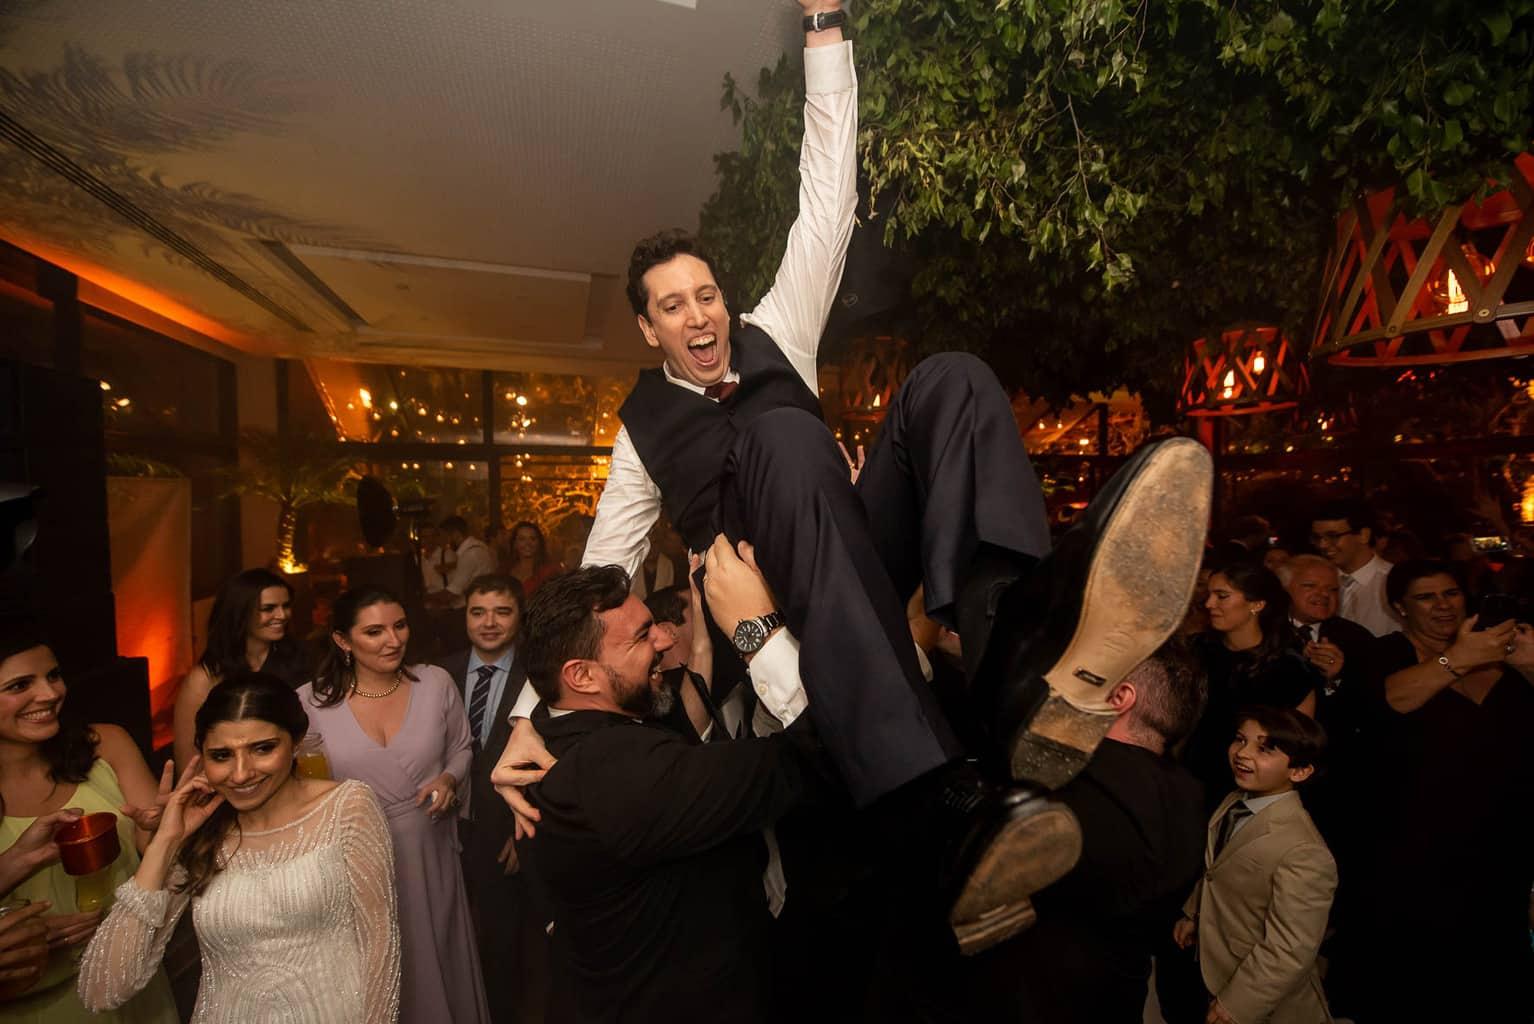 casamento-luiza-e-gustavo-cerimonial-casamento-de-ideias-dj-dentinho-fotografia-lenine-serejo60